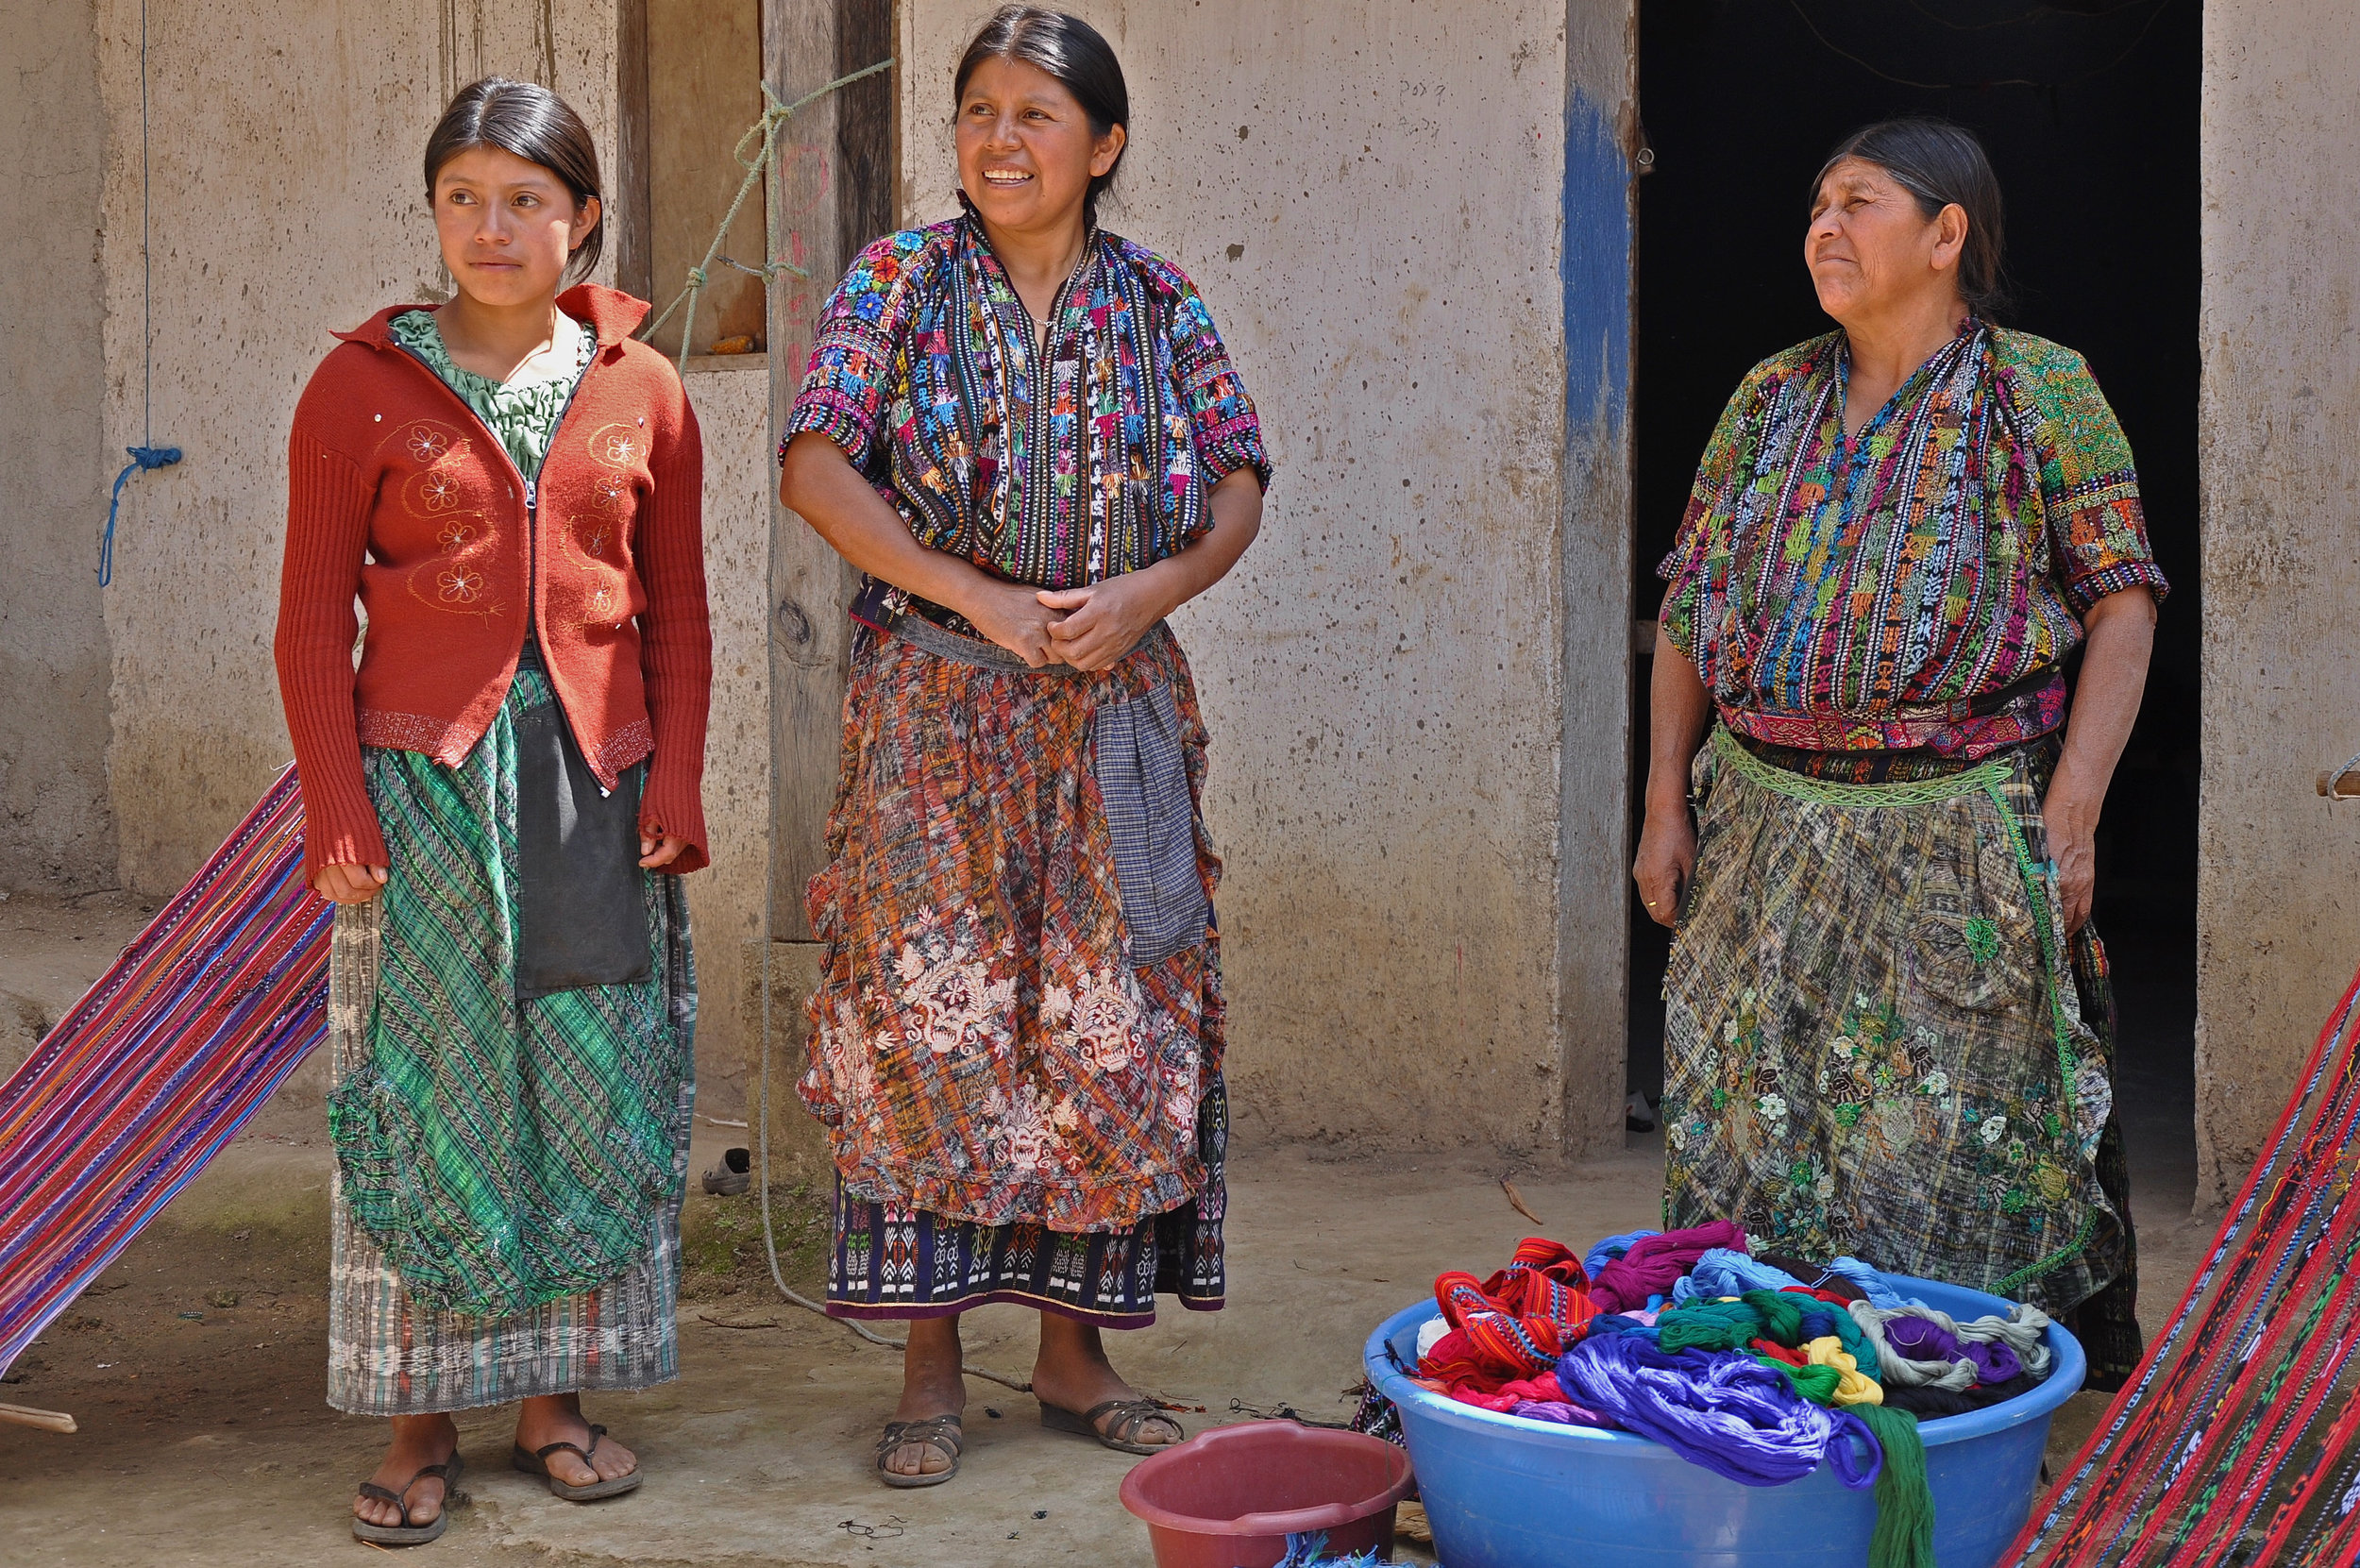 Artisans Josefa, Marcela, and Paula